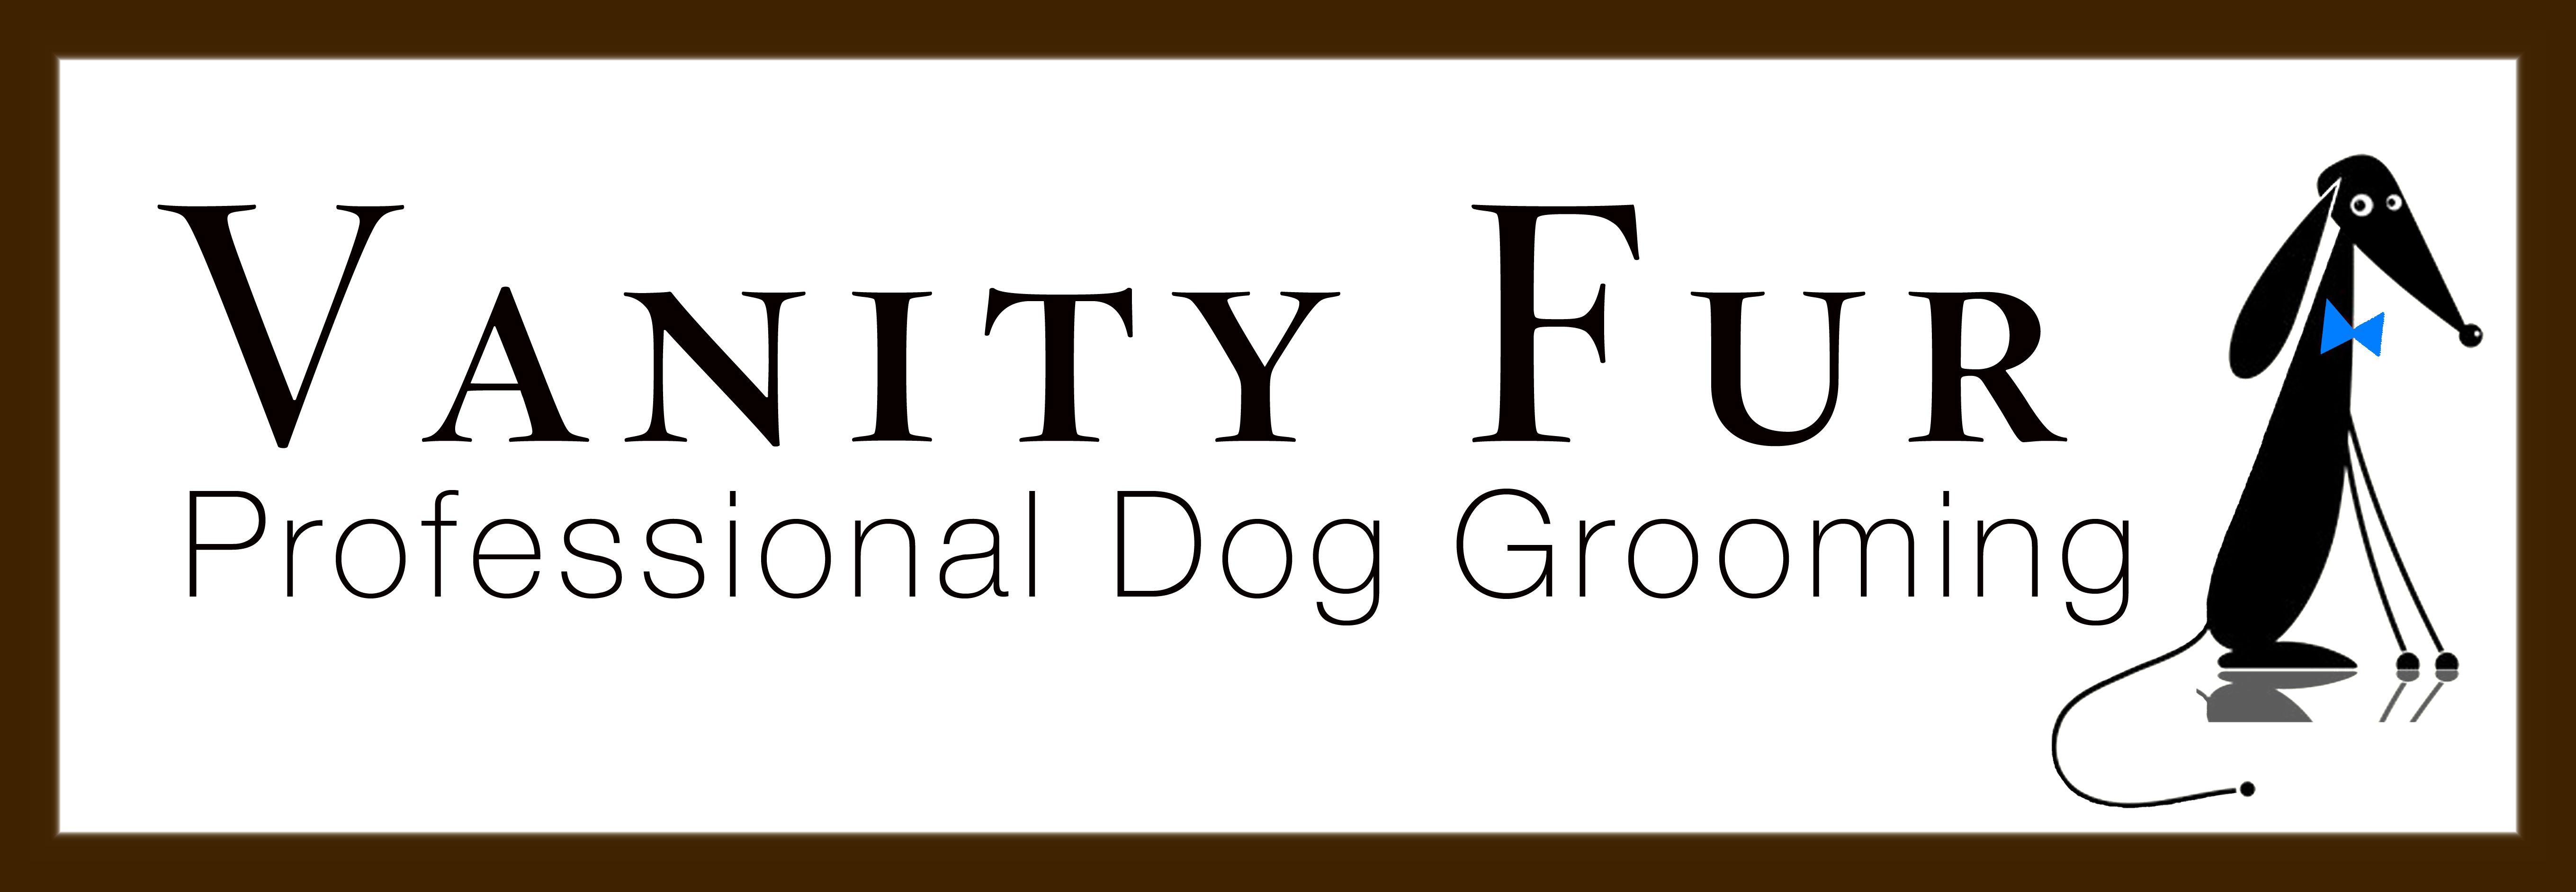 Vanity Fur Grooming Salon 18 N Water St Greenwich Ct 06830 203